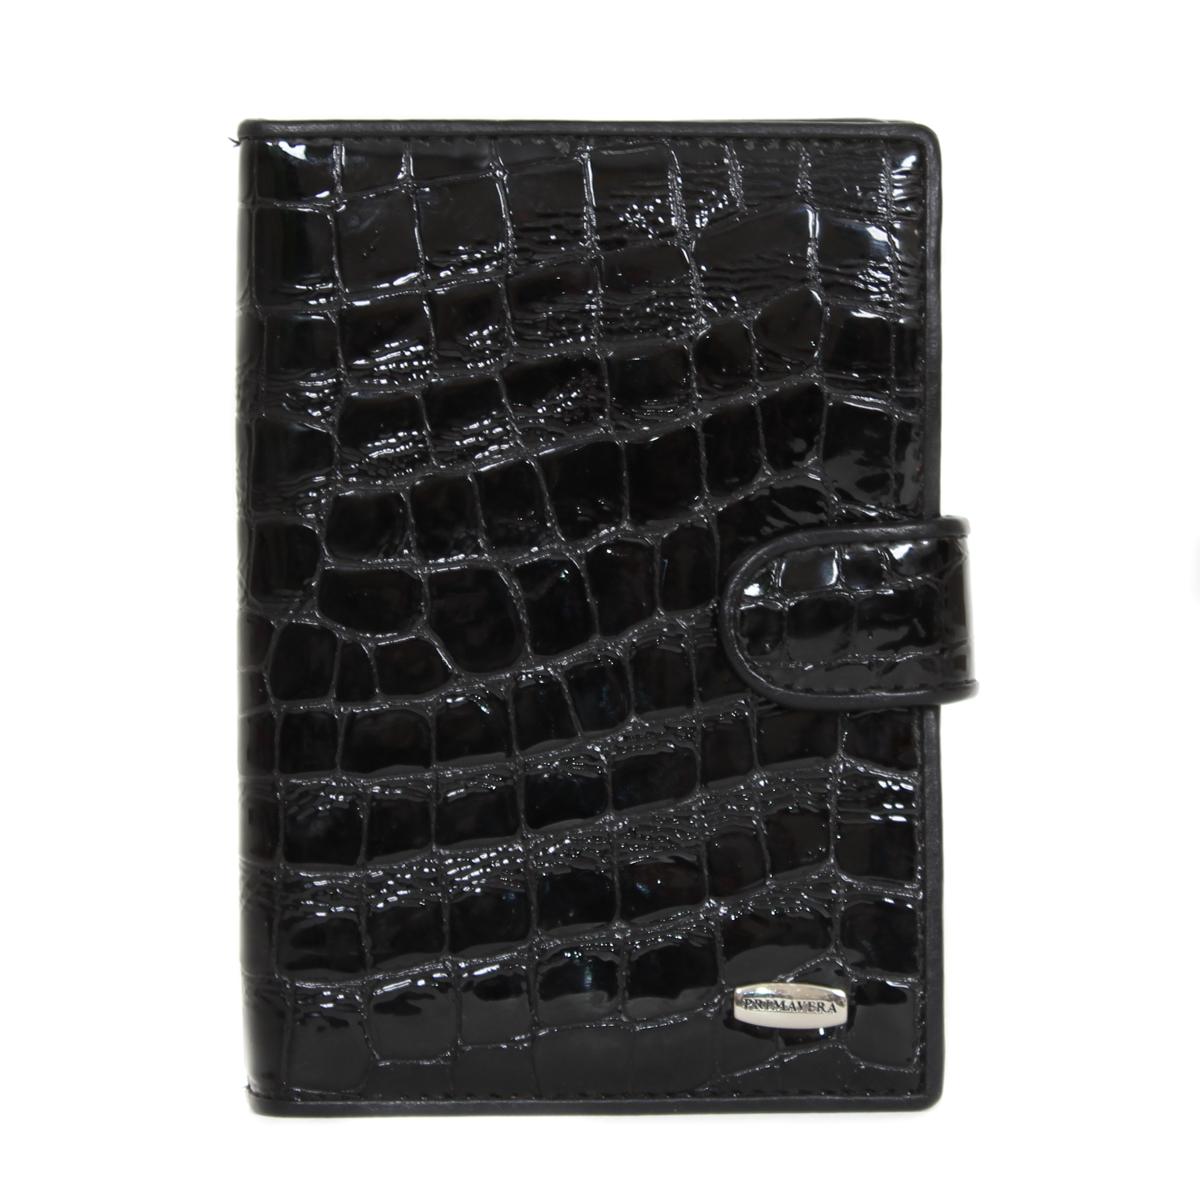 Обложка для документов женская Leighton, цвет: черный. 0005084900050849Обложка на автодокументы и паспорт выполнена из натуральной кожи. Очень удобная и прочная. Закрывается на кнопку.